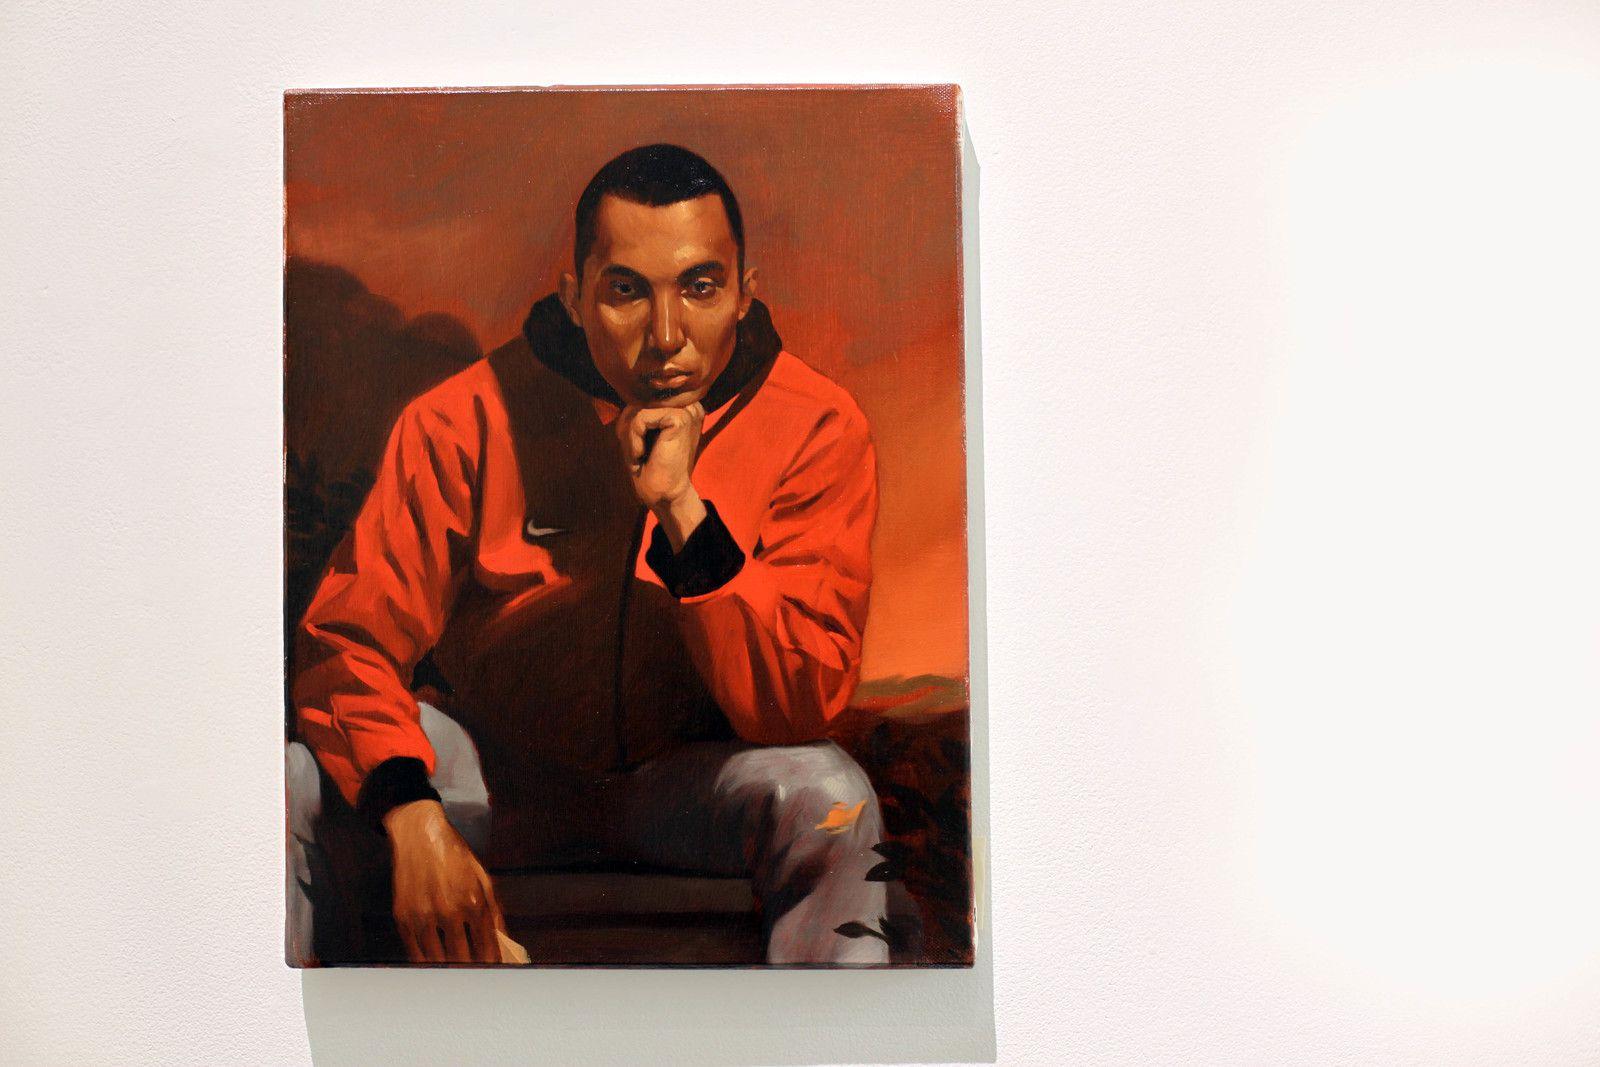 """""""A young guy with a message"""", 2020 de Jean Baptiste BOYER - Courtesy de l'artiste et de la galerie Galerie Laure Roynette  © Photo Éric Simon"""